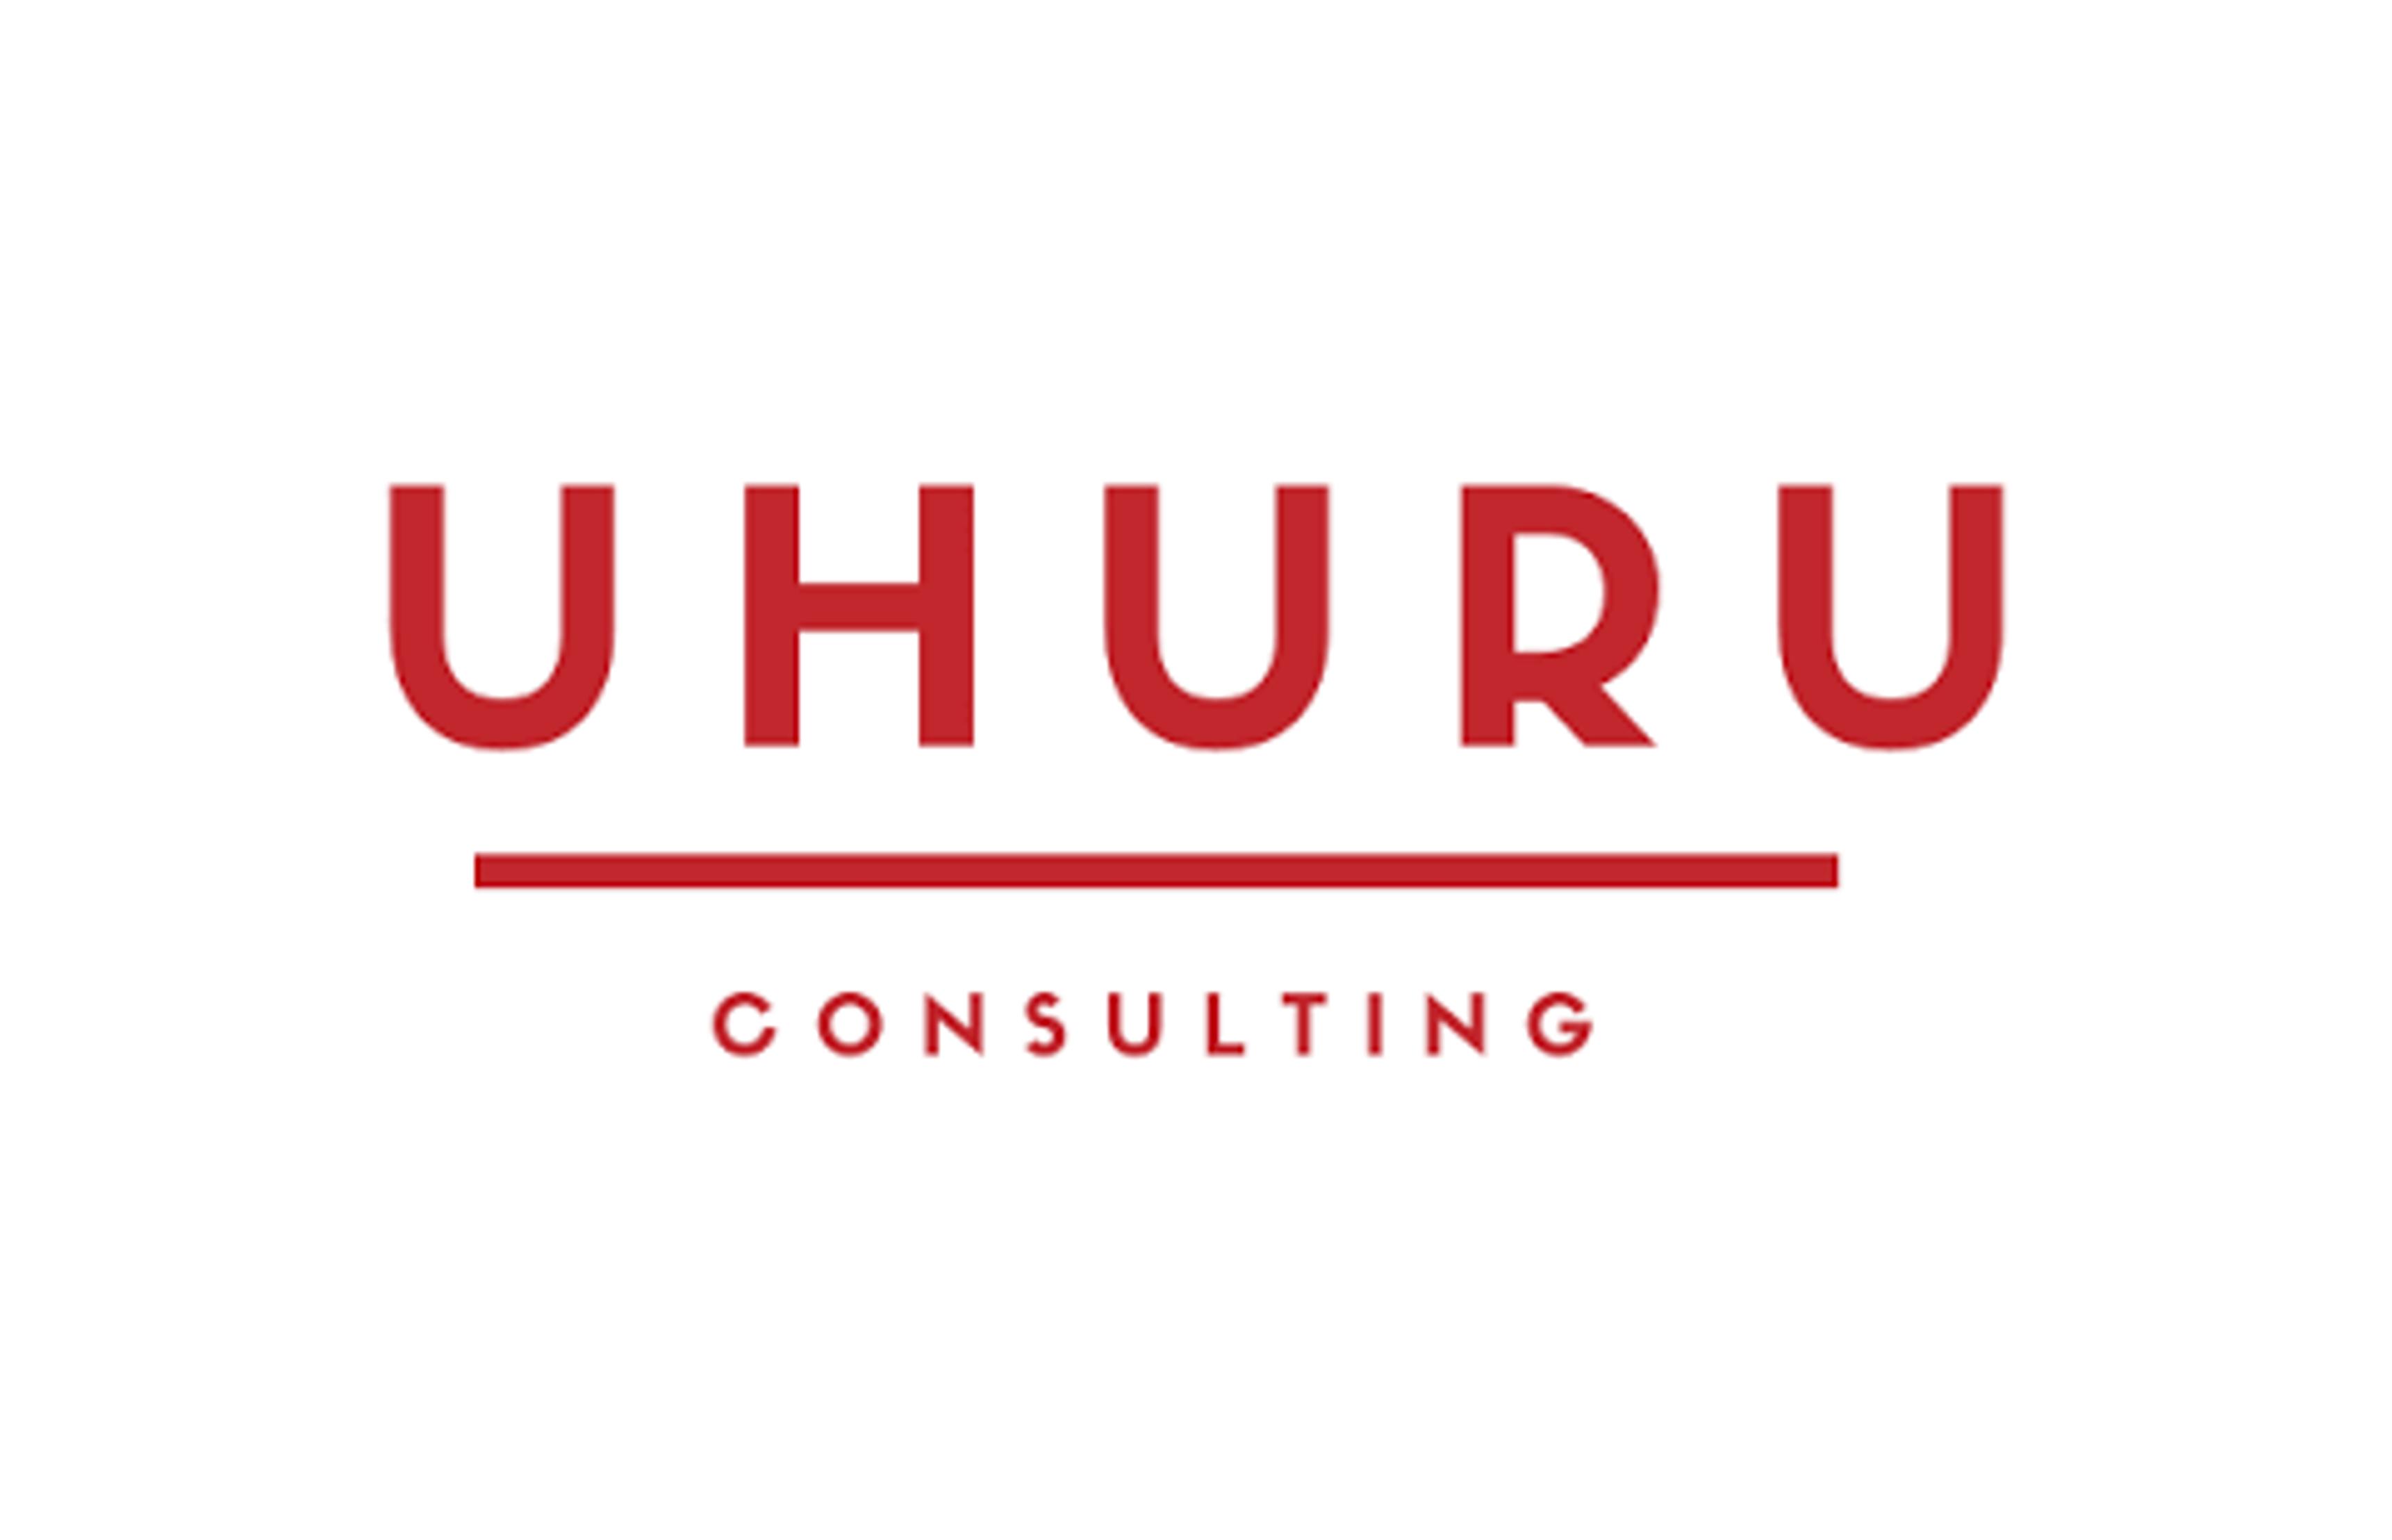 UHURU CONSULTING